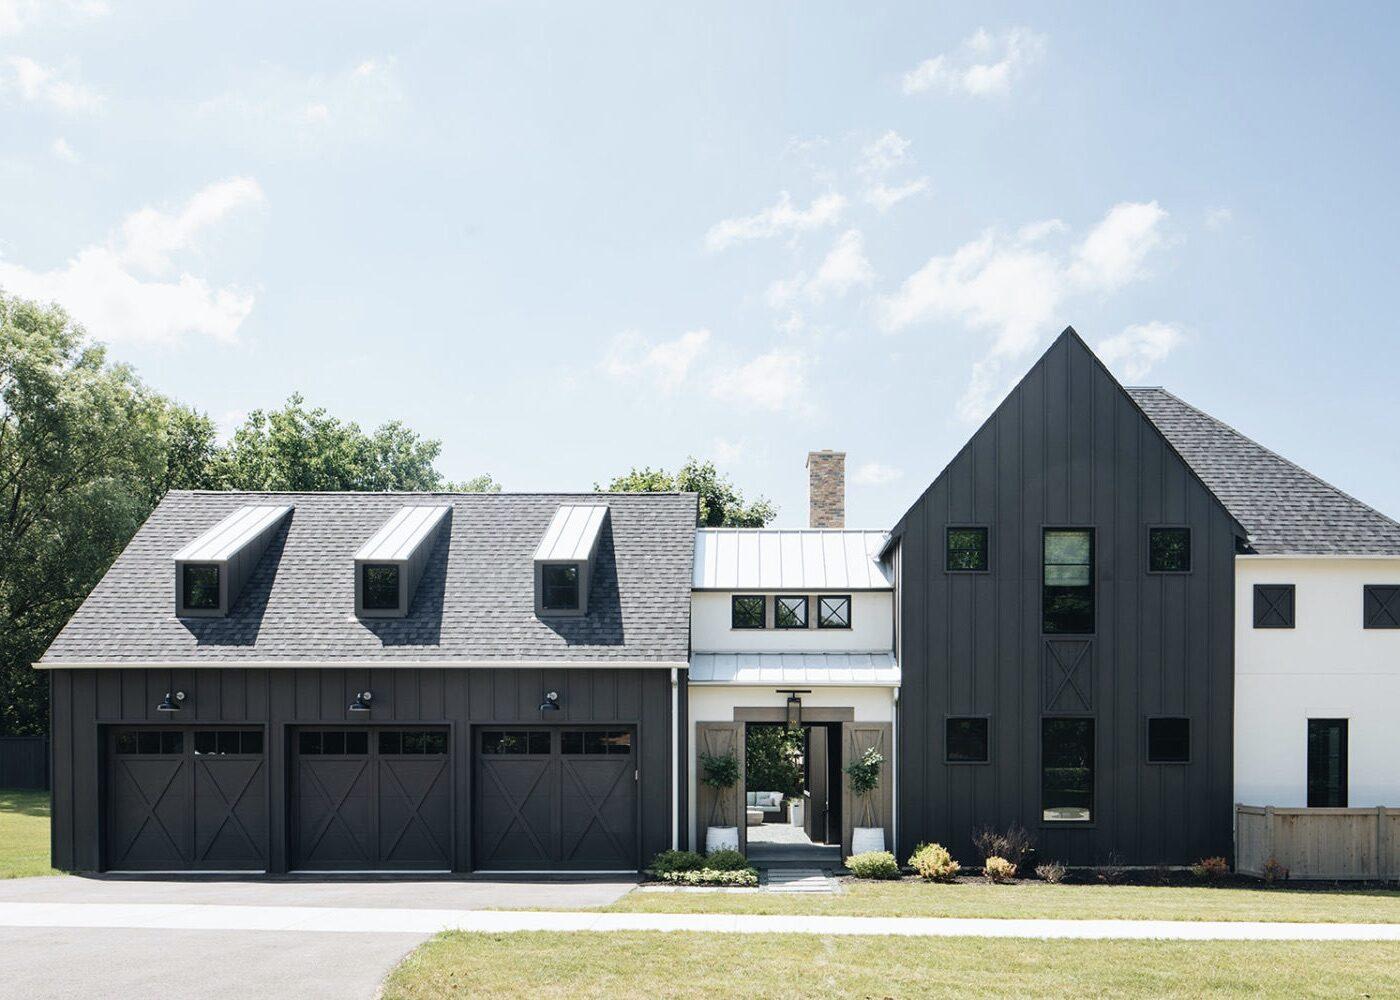 ferme renovée ancienne maison de campagne design architecture